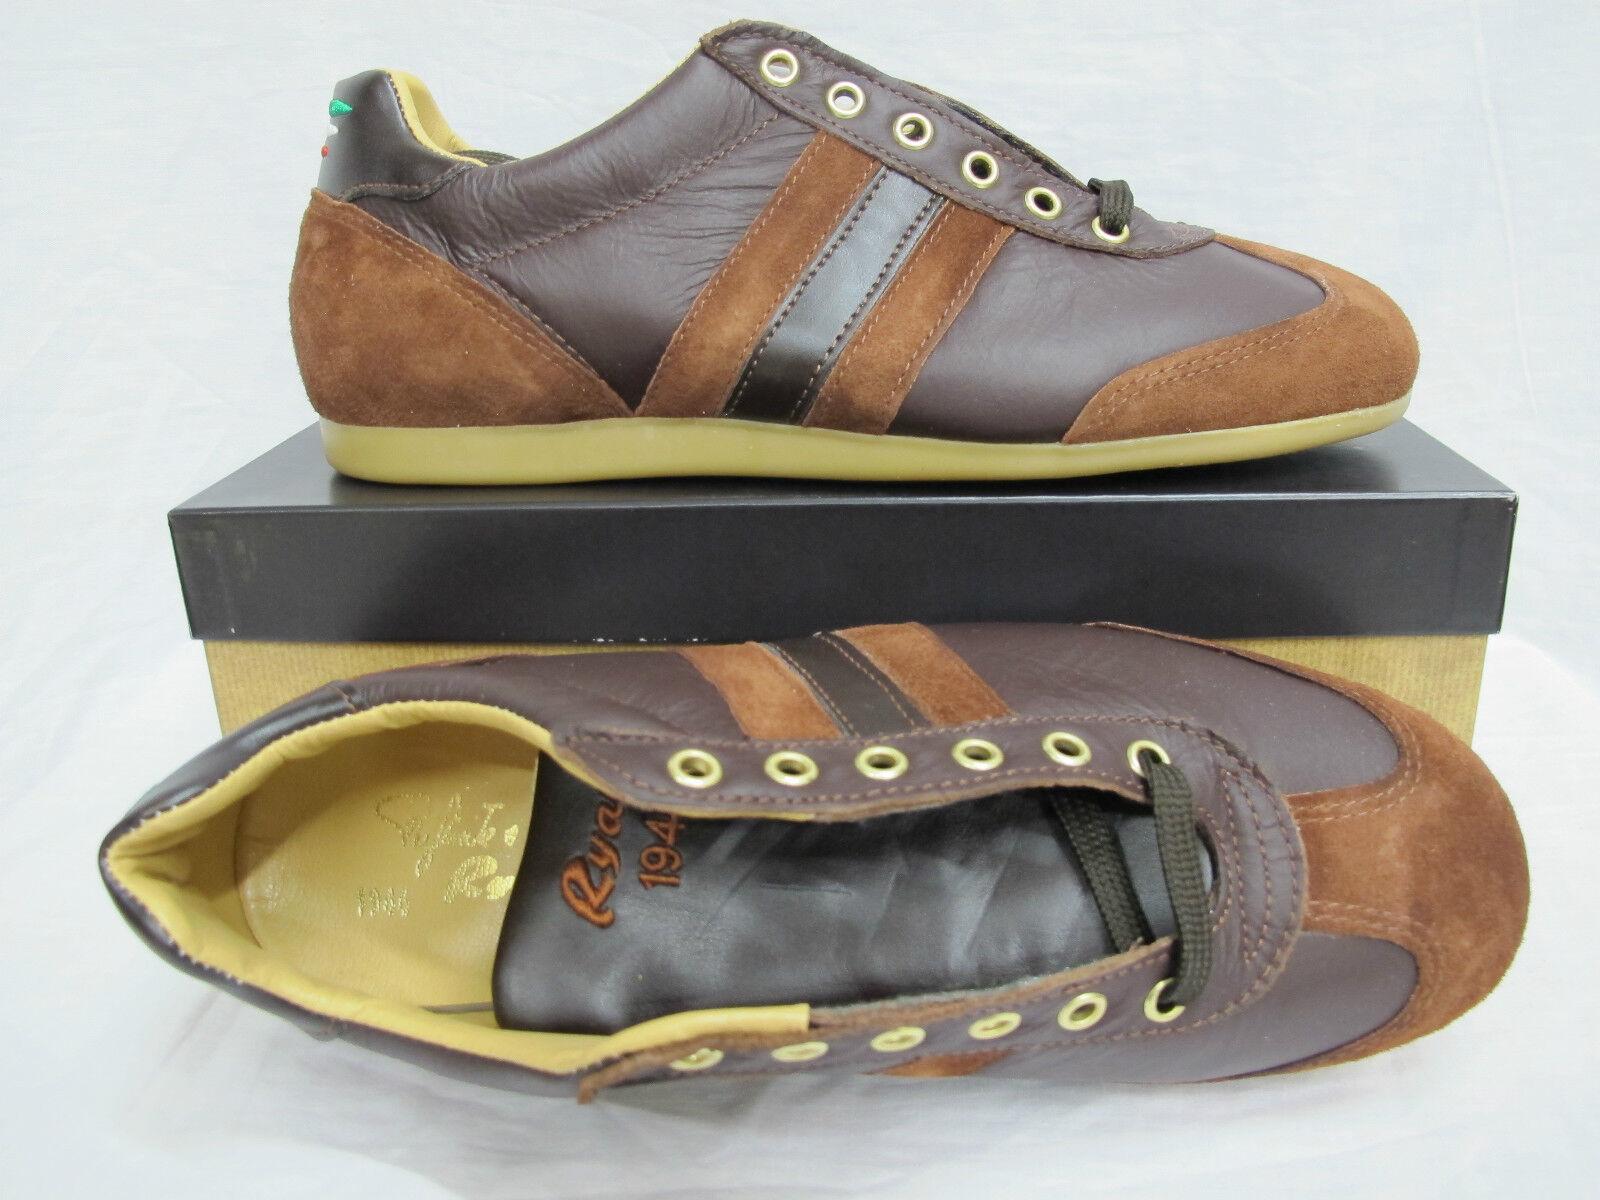 Ryal Invierno Zapatos Aurora N 45 Scic Marrón Hombre en bfv7Ygy6